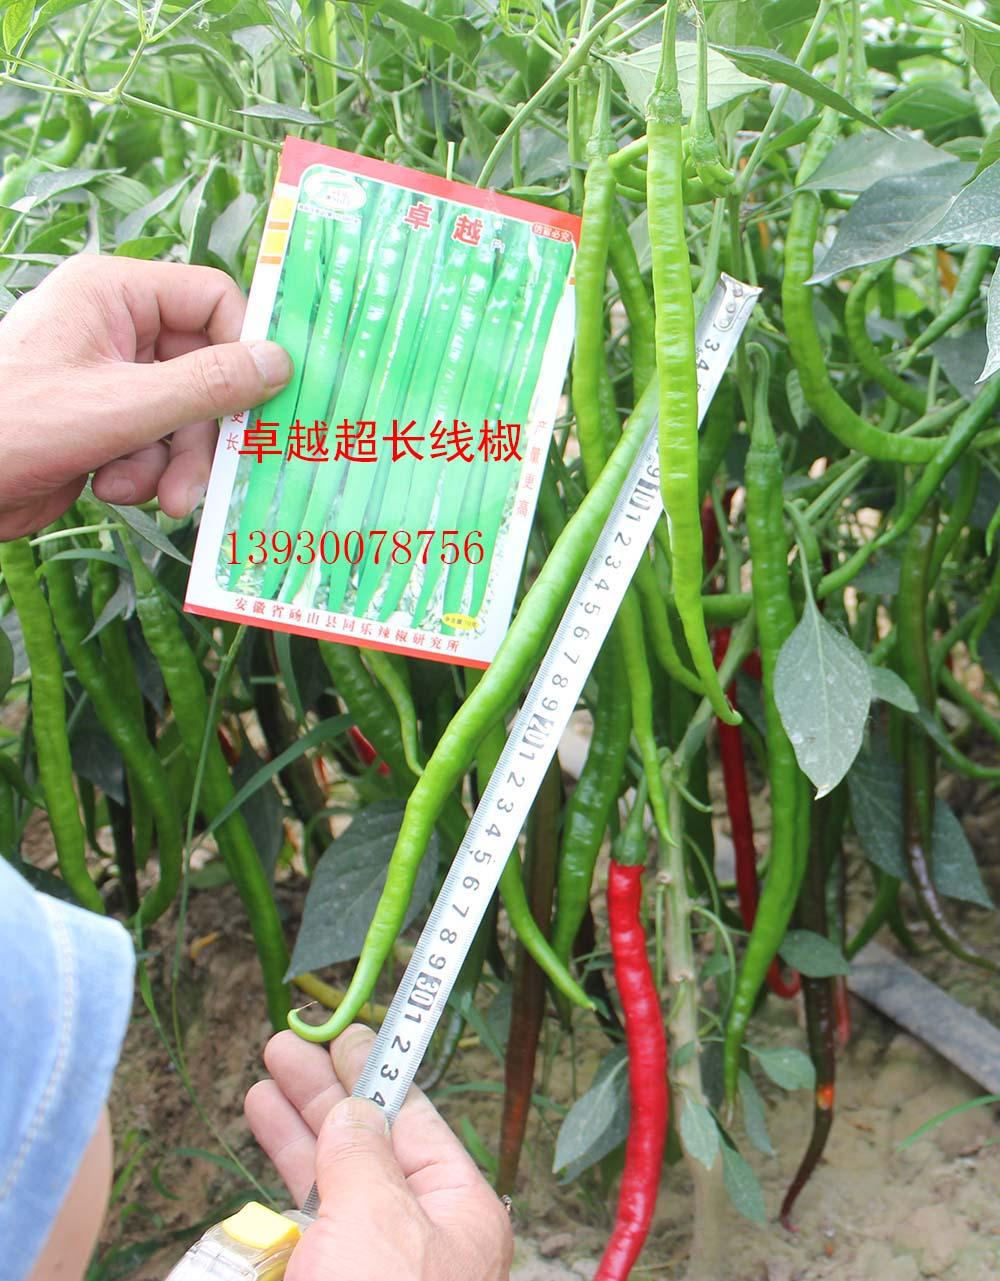 超高产超长型线椒――卓越新品种上市啦!